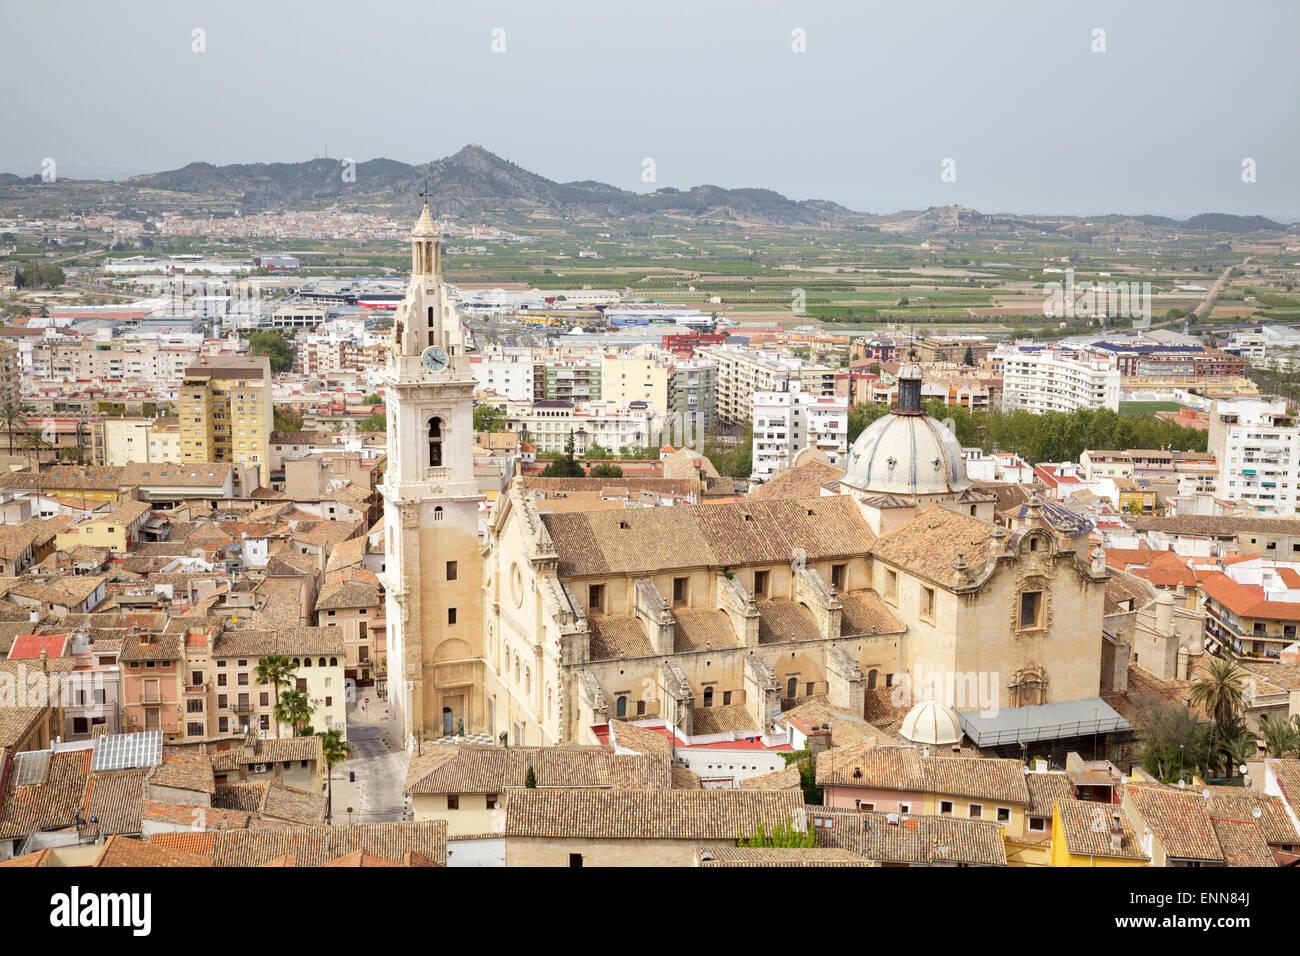 Vistas de la ciudad con la Basílica Colegiata de Santa María (Iglesia Colegial Basílica de Santa Imagen De Stock